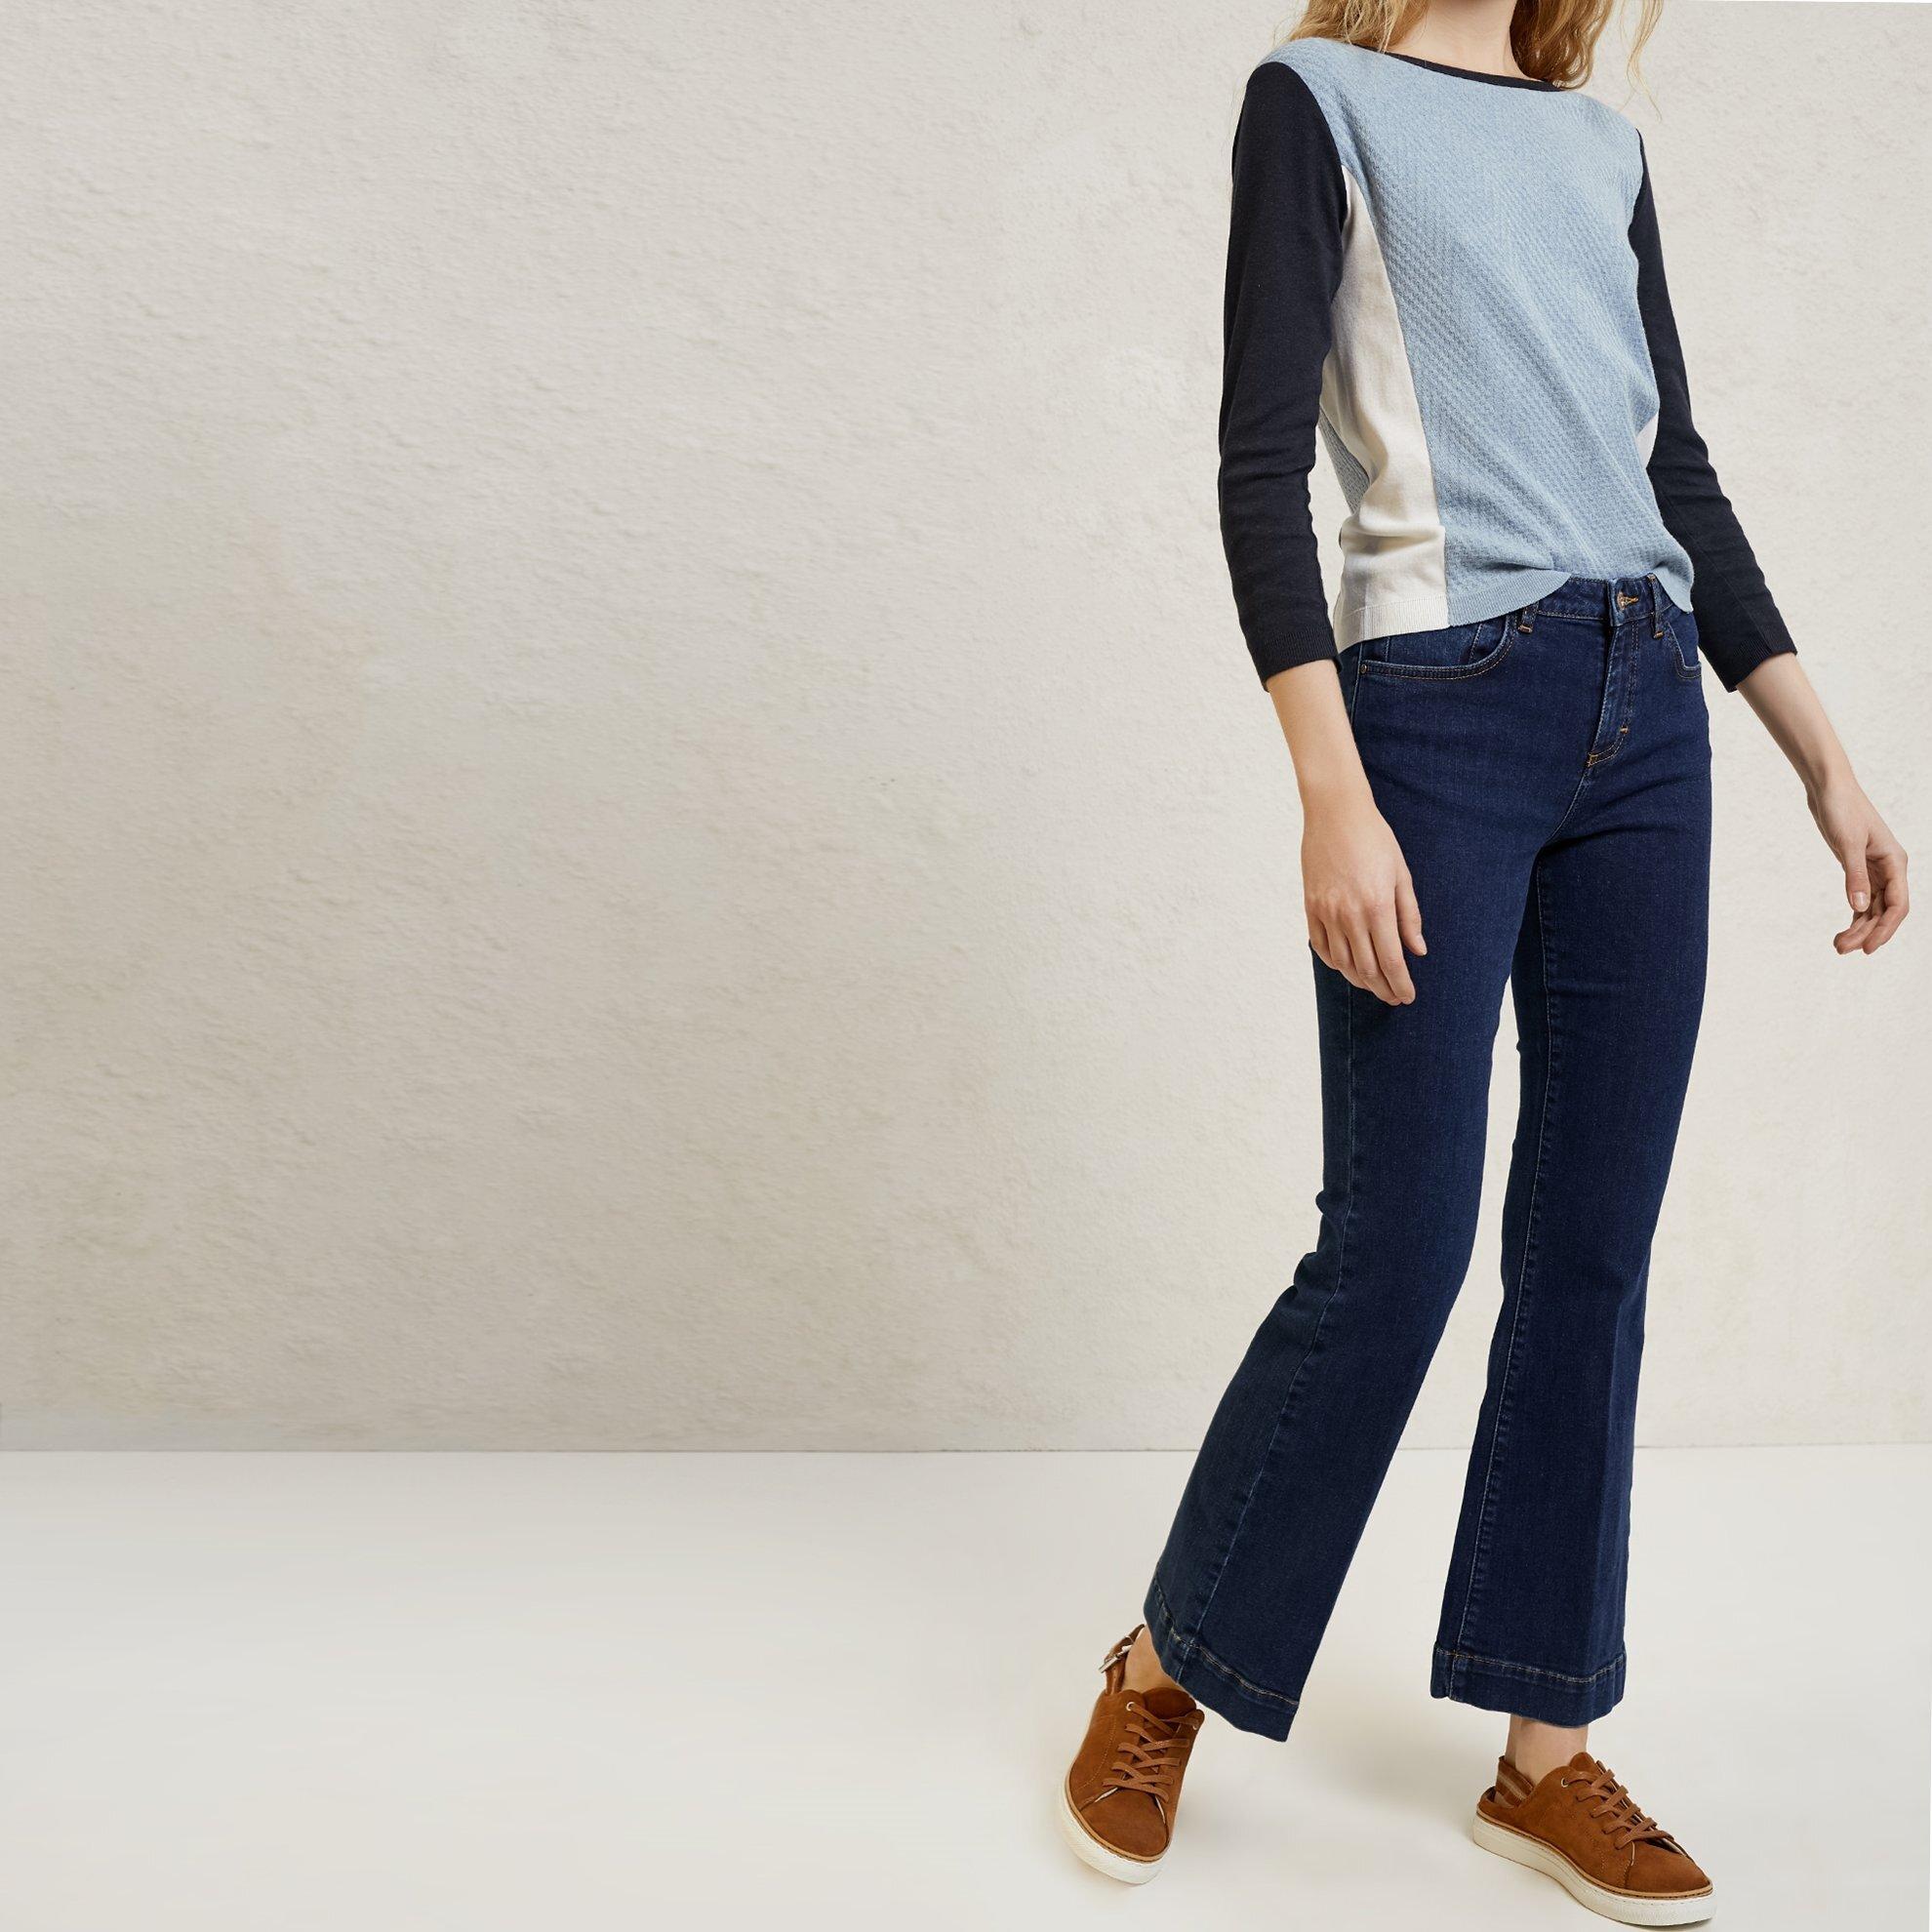 Damen Jeanshose mit breitem Schlag